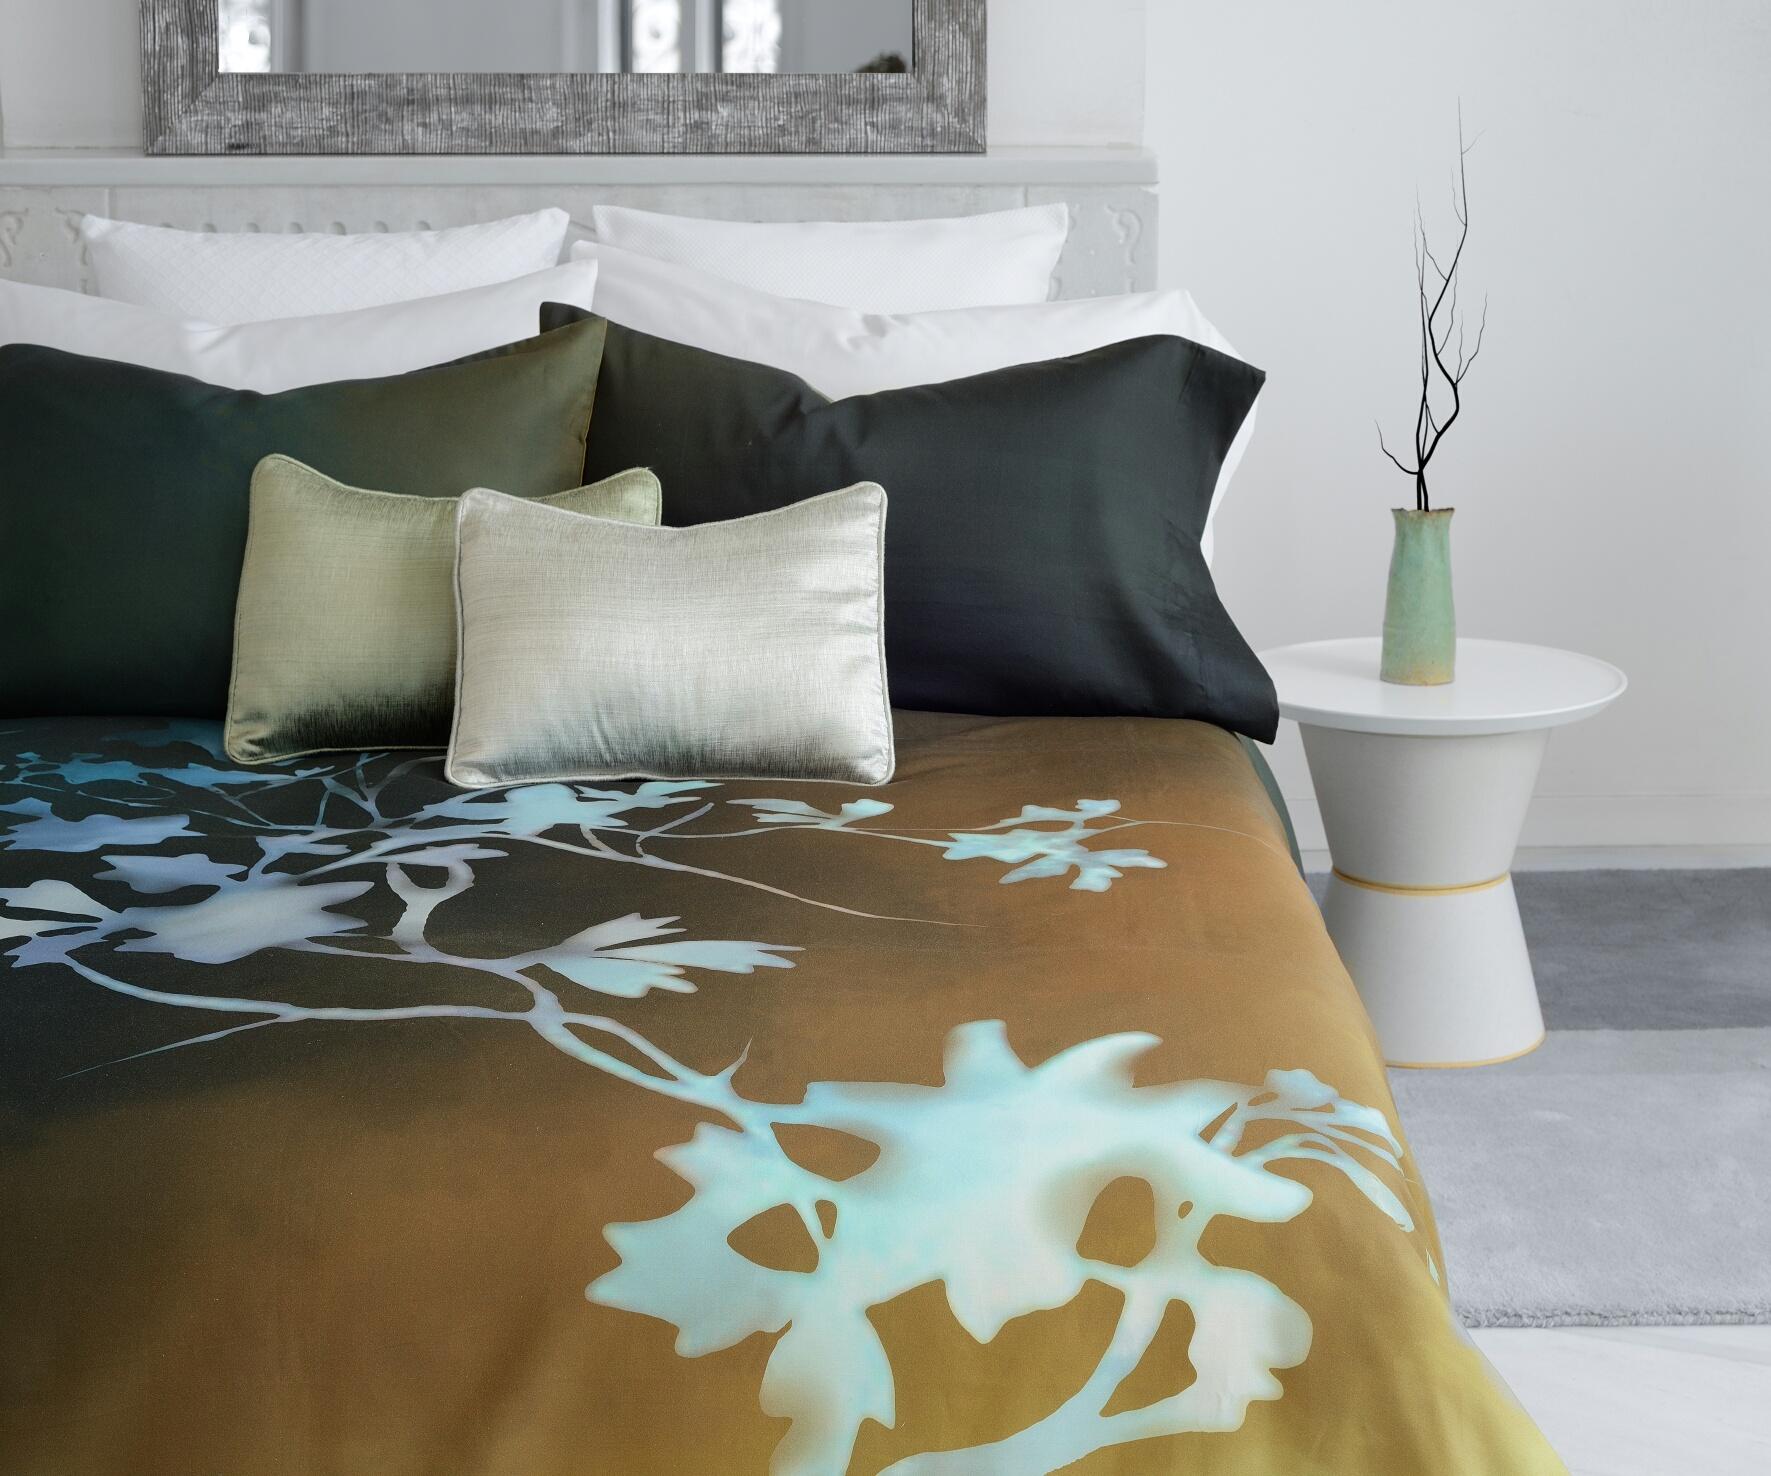 Avance oto o invierno para la cama de bassols villalba - Fundas nordicas algodon egipcio ...